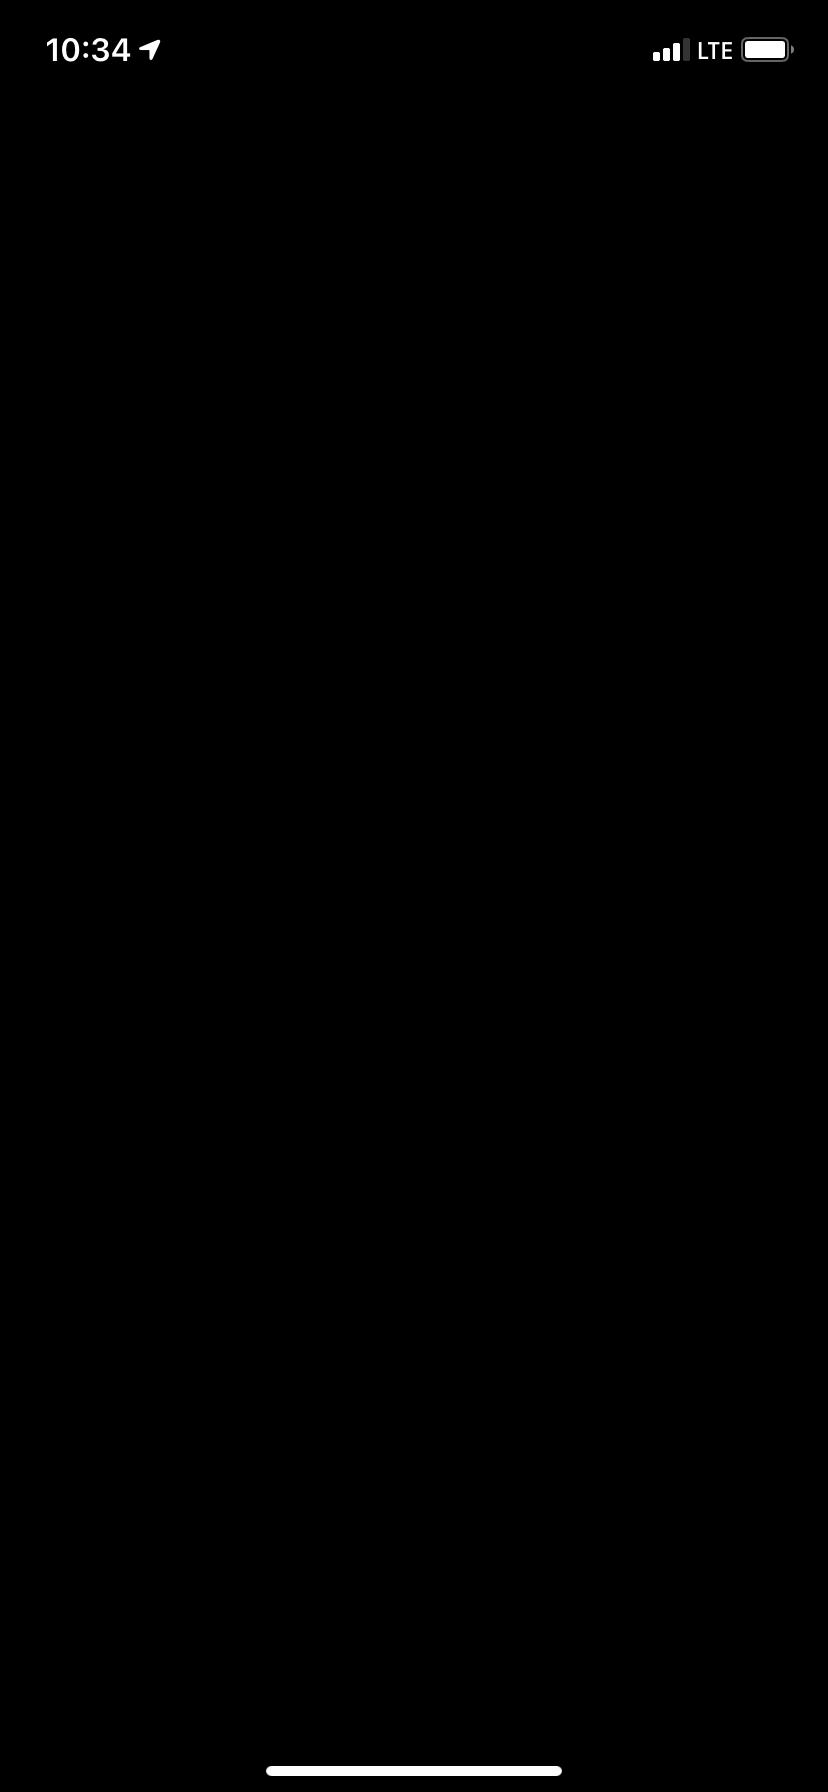 BB9A9300-0C93-42AD-A34A-53A6336971FC.png